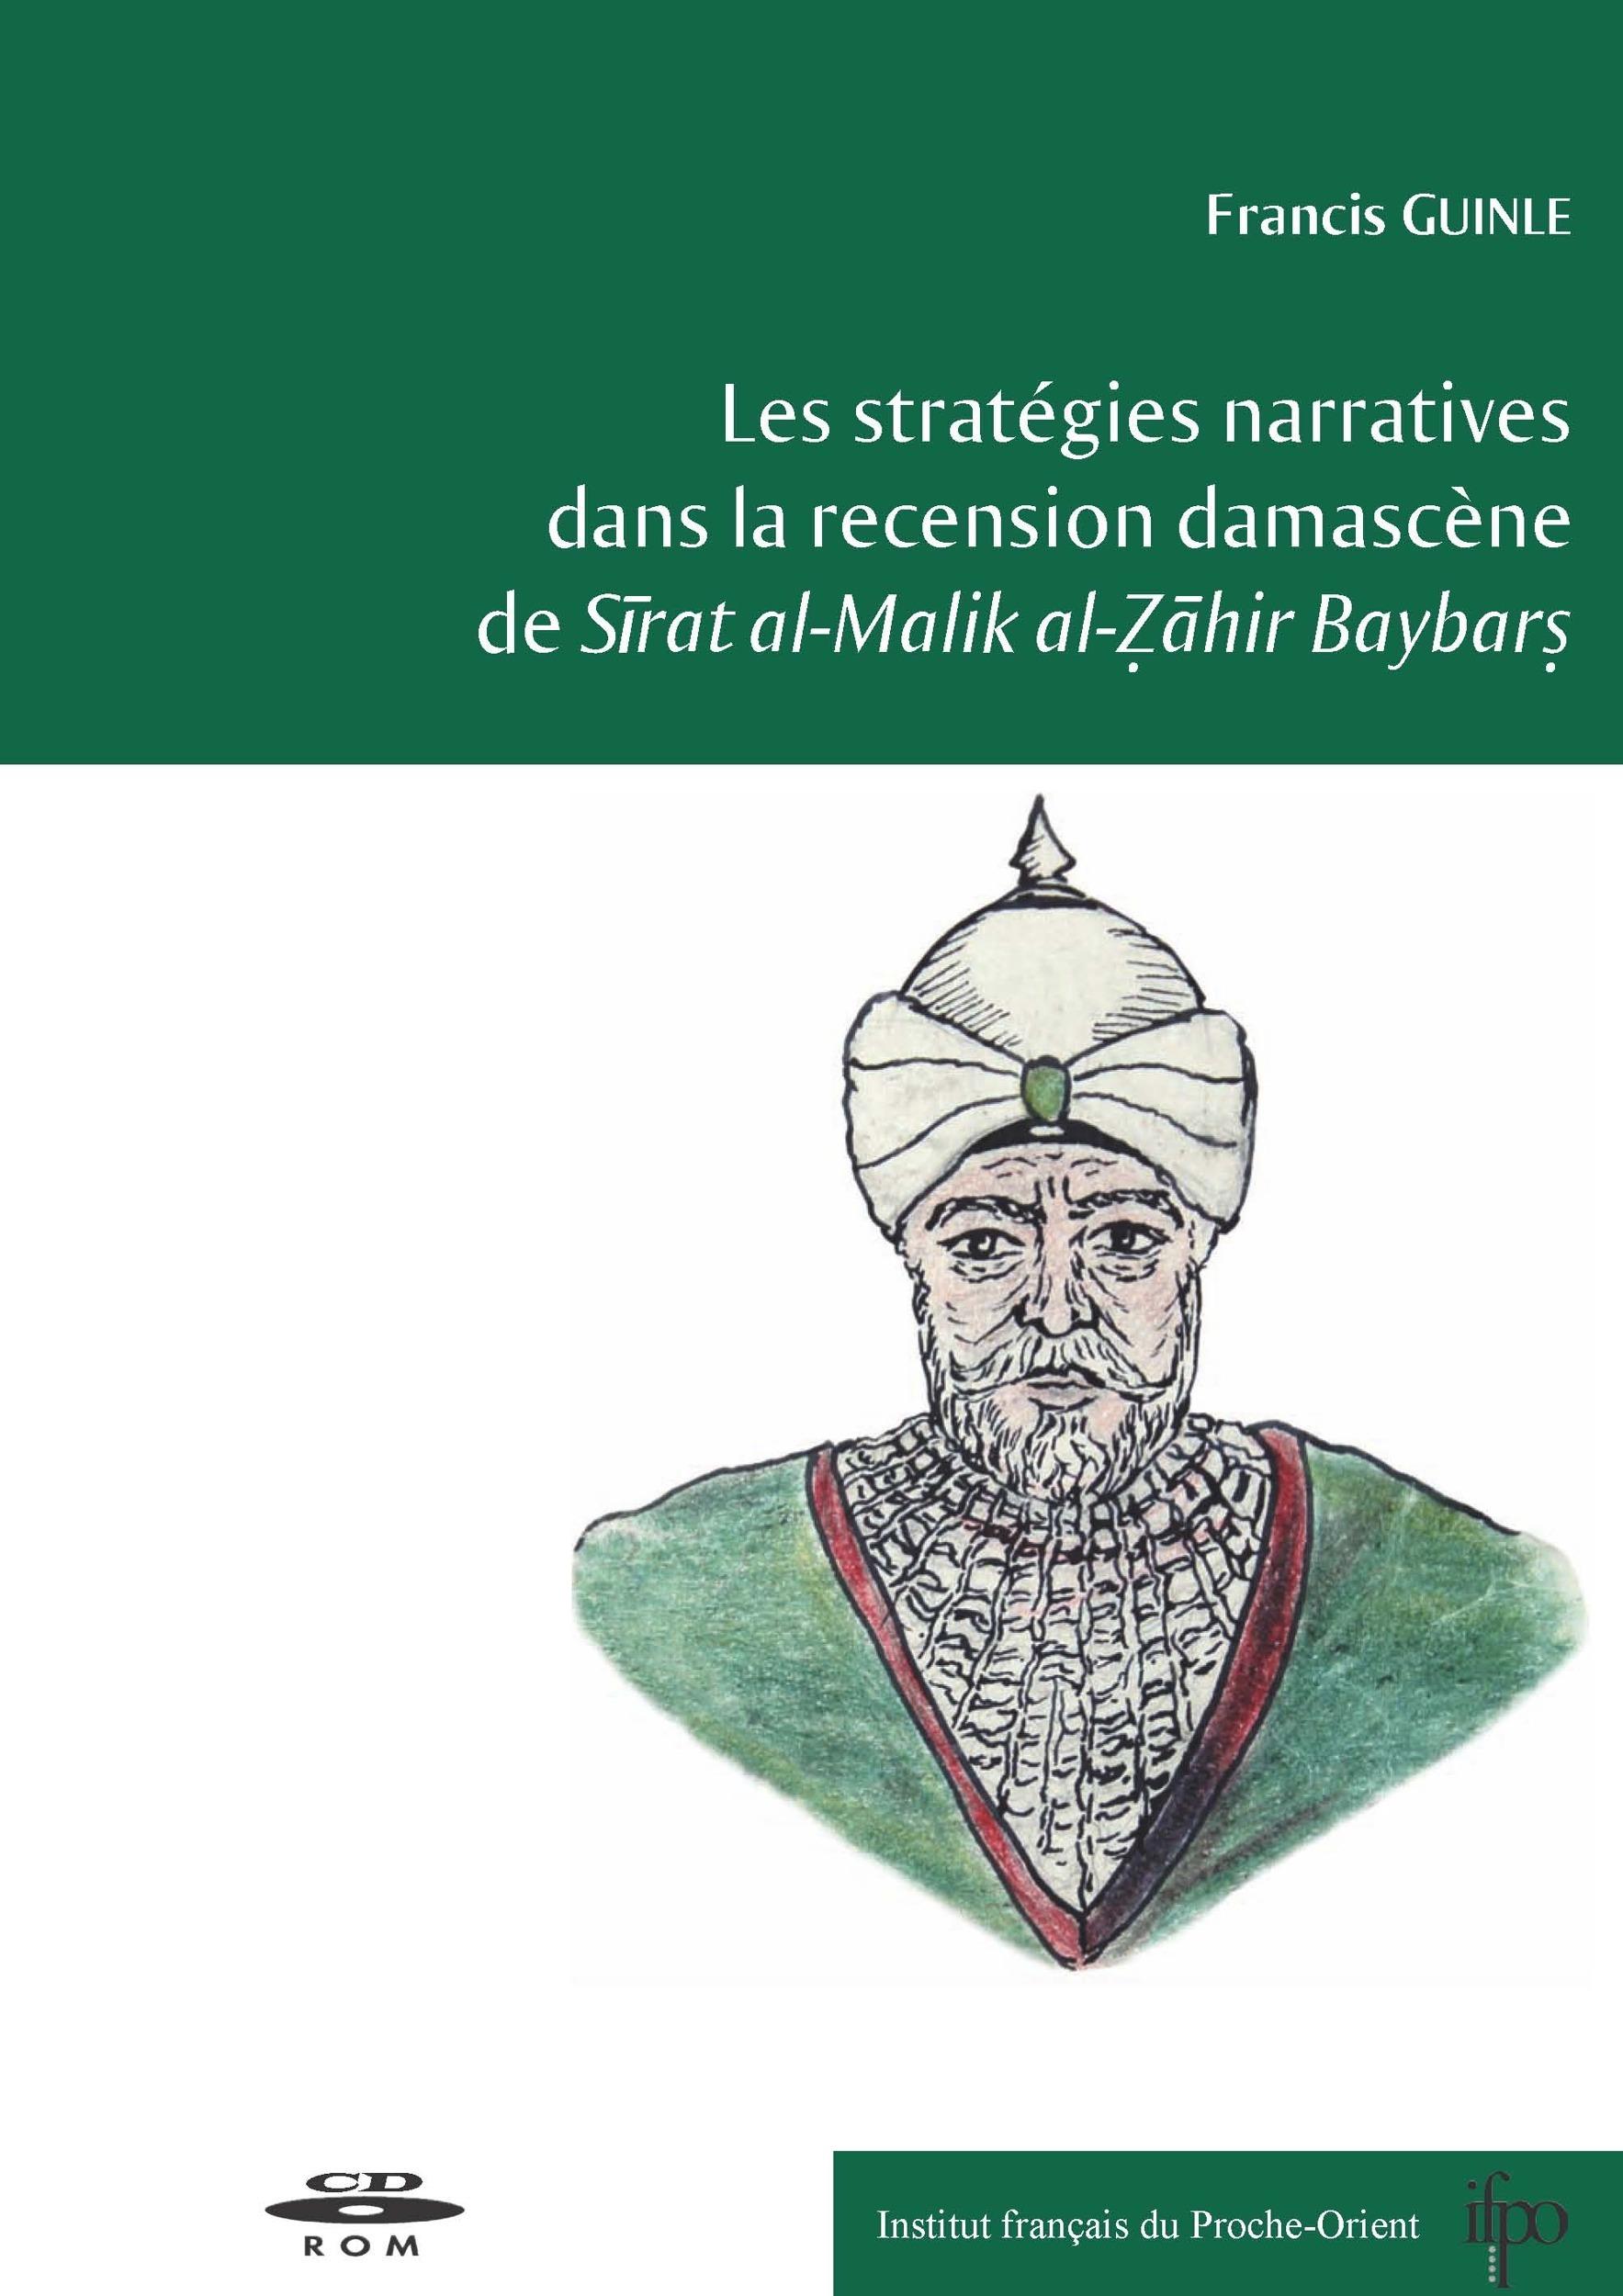 Les stratégies narratives dans la recension damascène de Sirat al-Malik al-Zahir Baybars